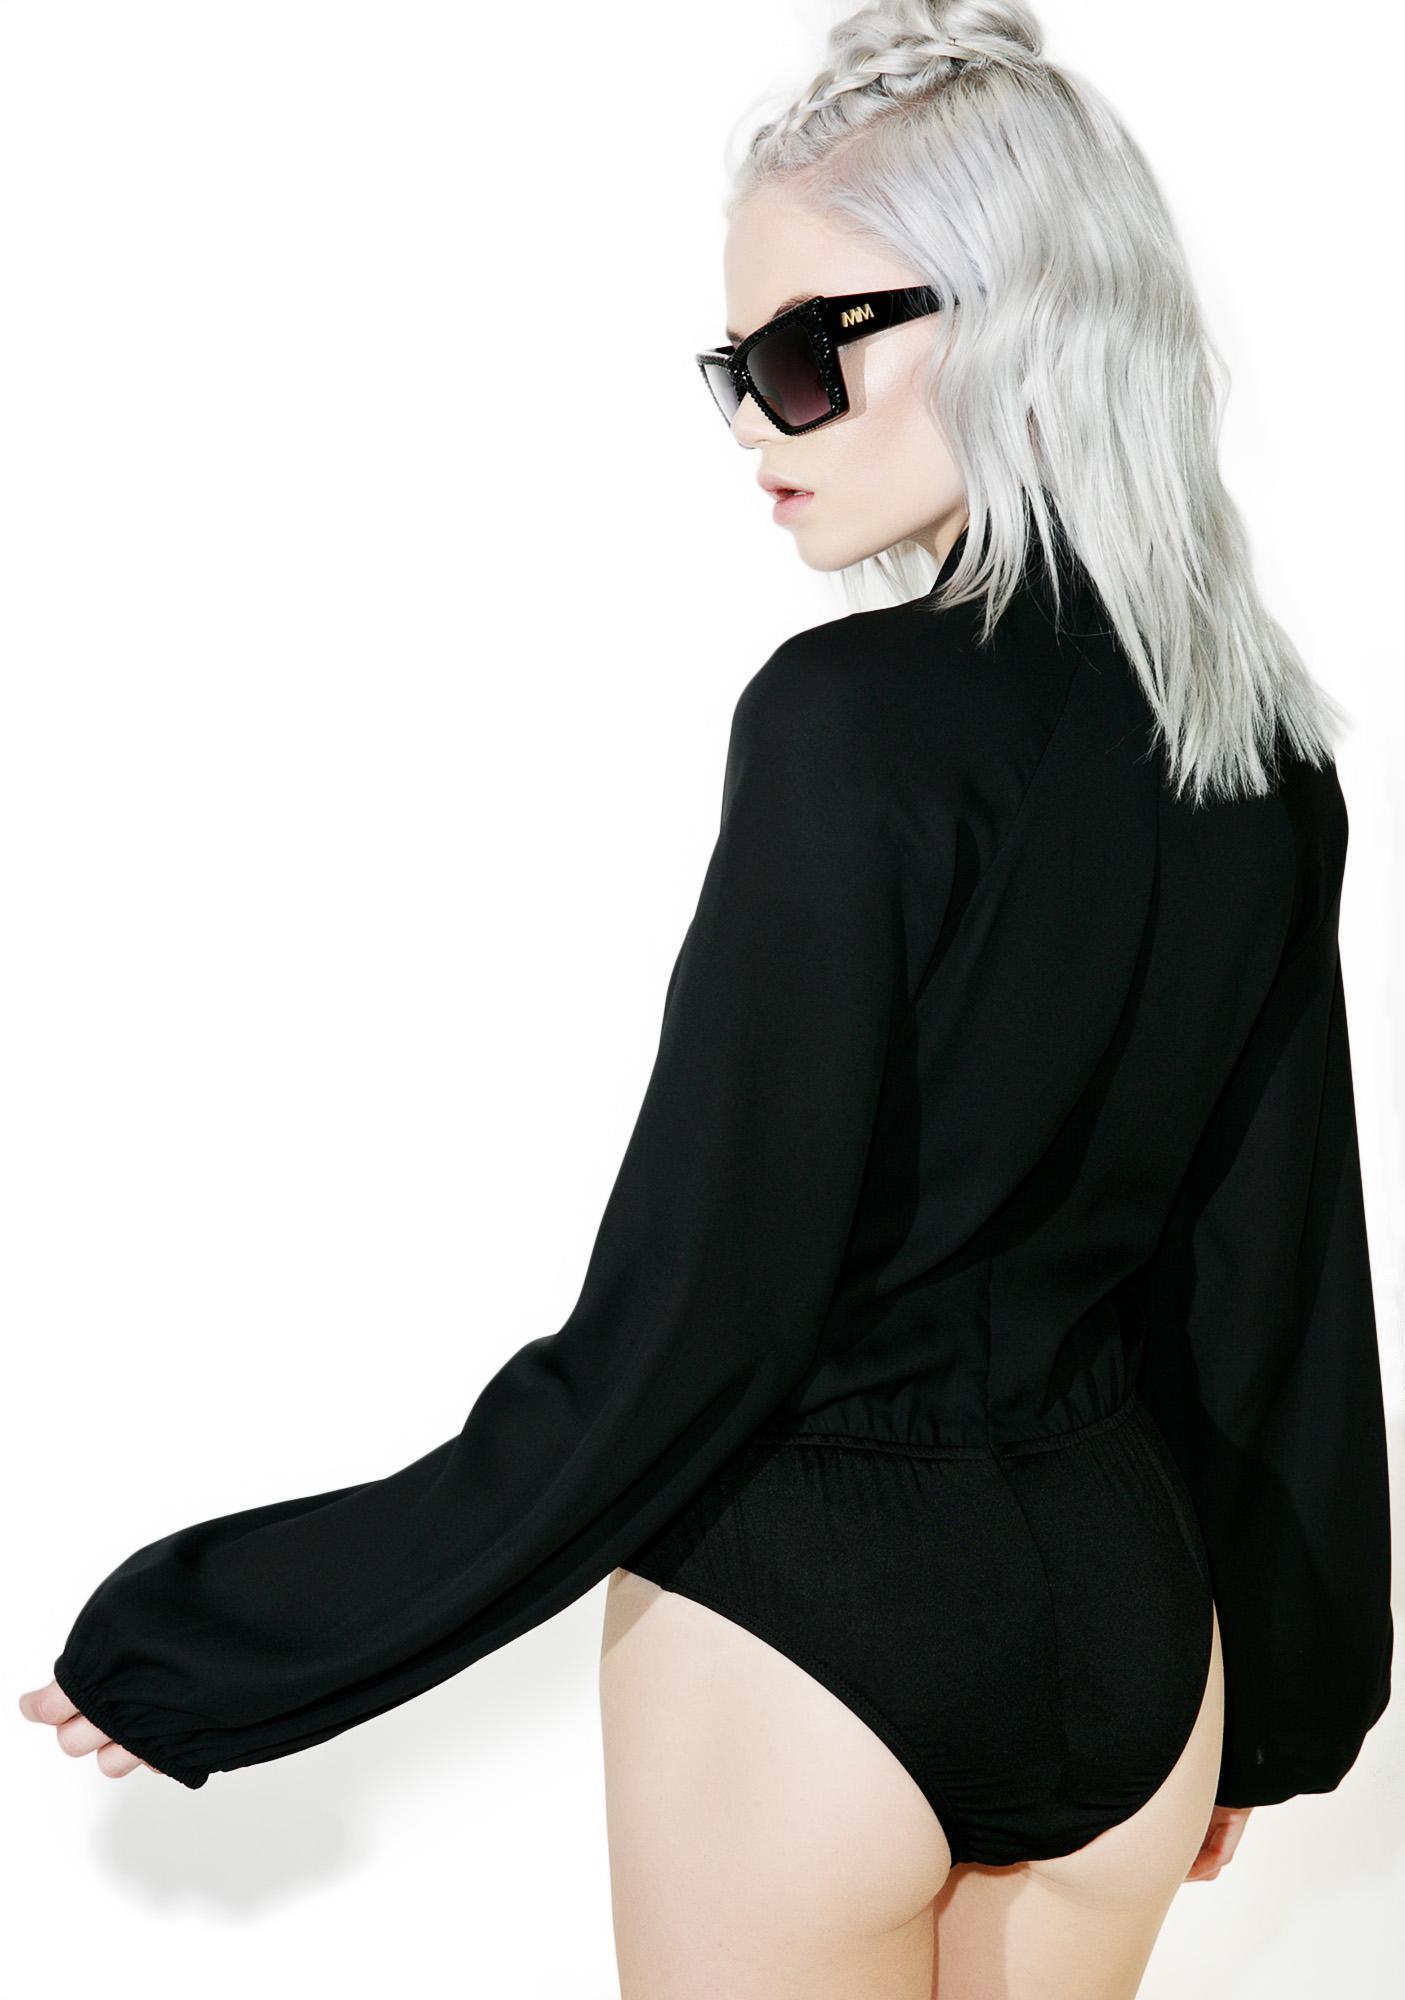 Feedback Cut Out Bodysuit